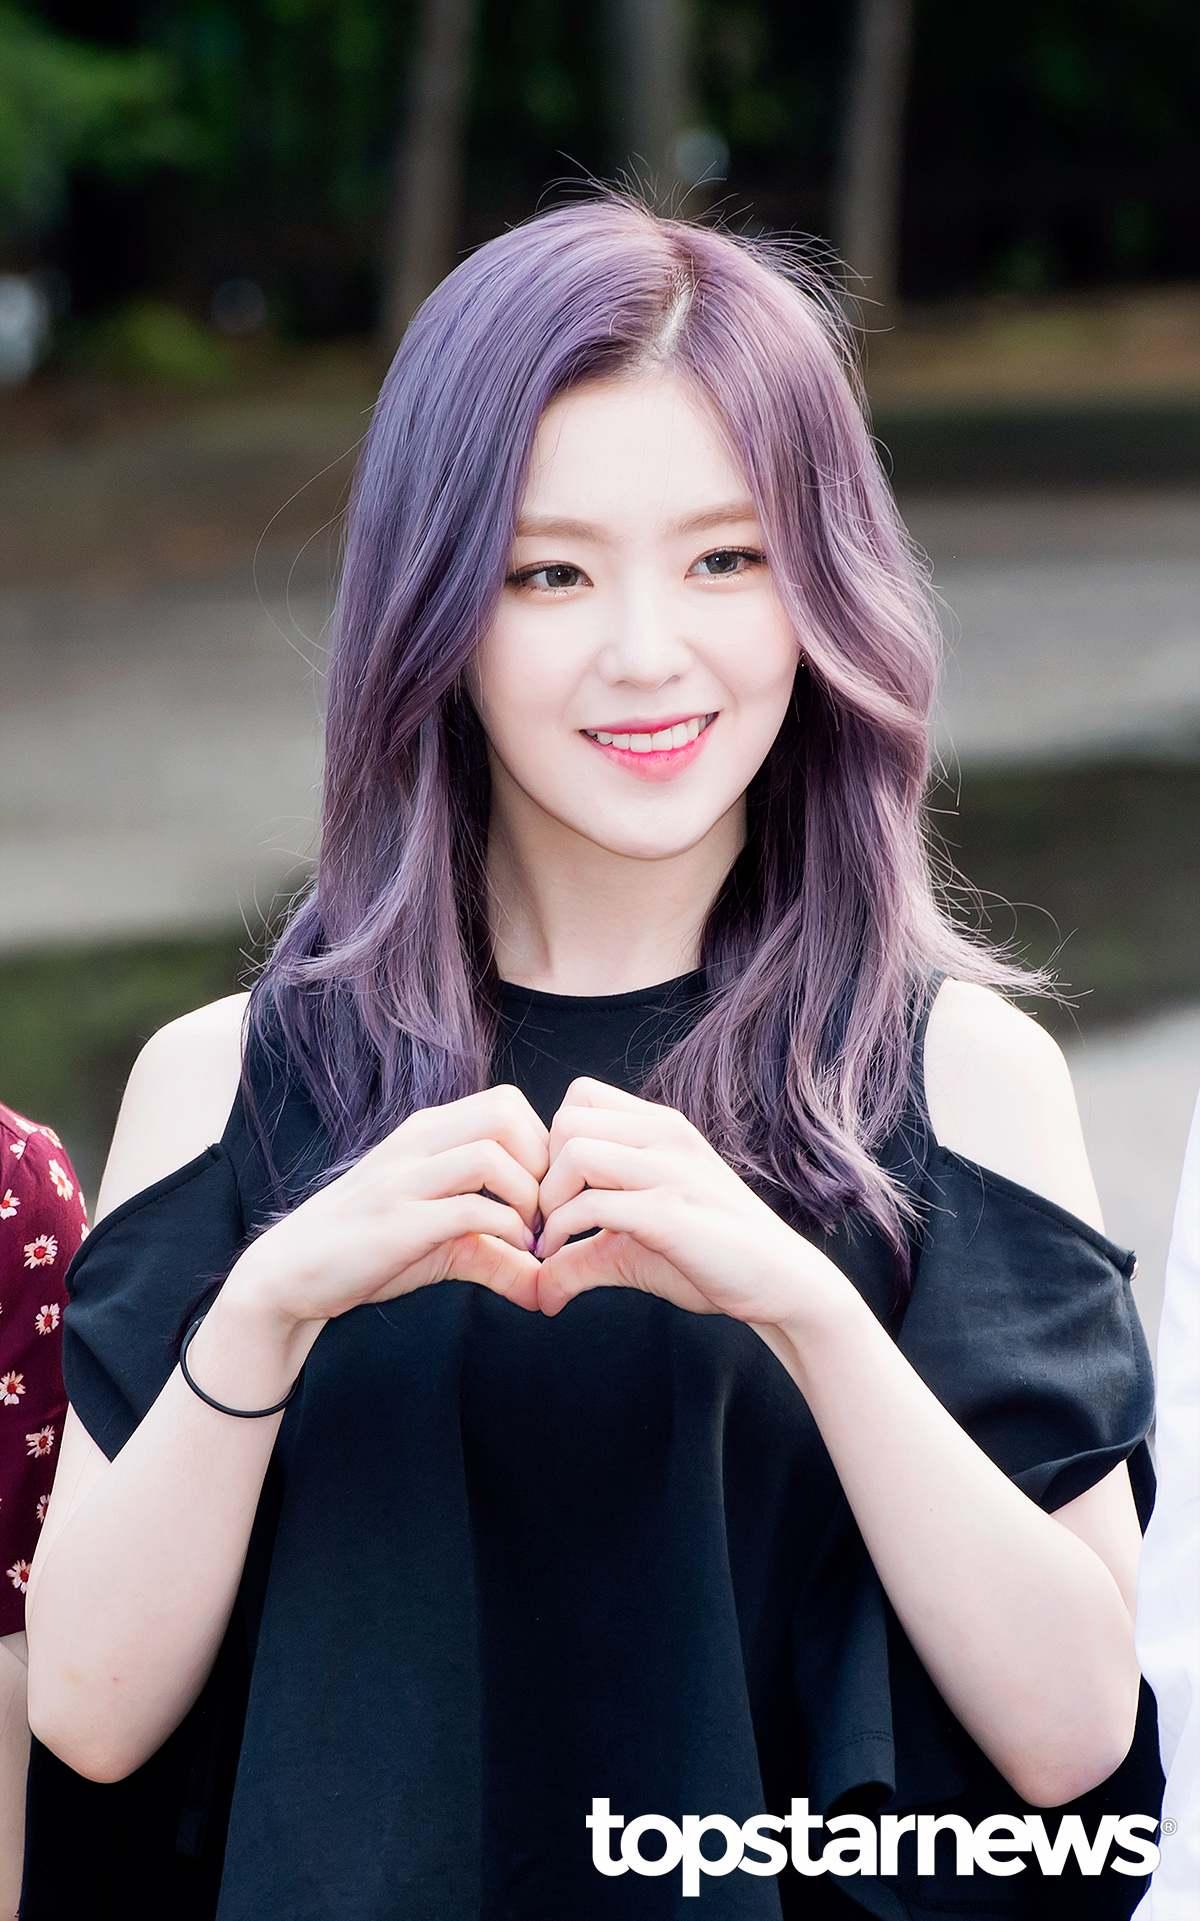 尤其是隊長Irene9月初剛回歸時的紫髮,根本夢幻的像仙女下凡, 甚至讓韓國媒體驚歎到「她是人?還是妖精啊? 」 更是粉絲心中「喚醒早上的美貌 」。